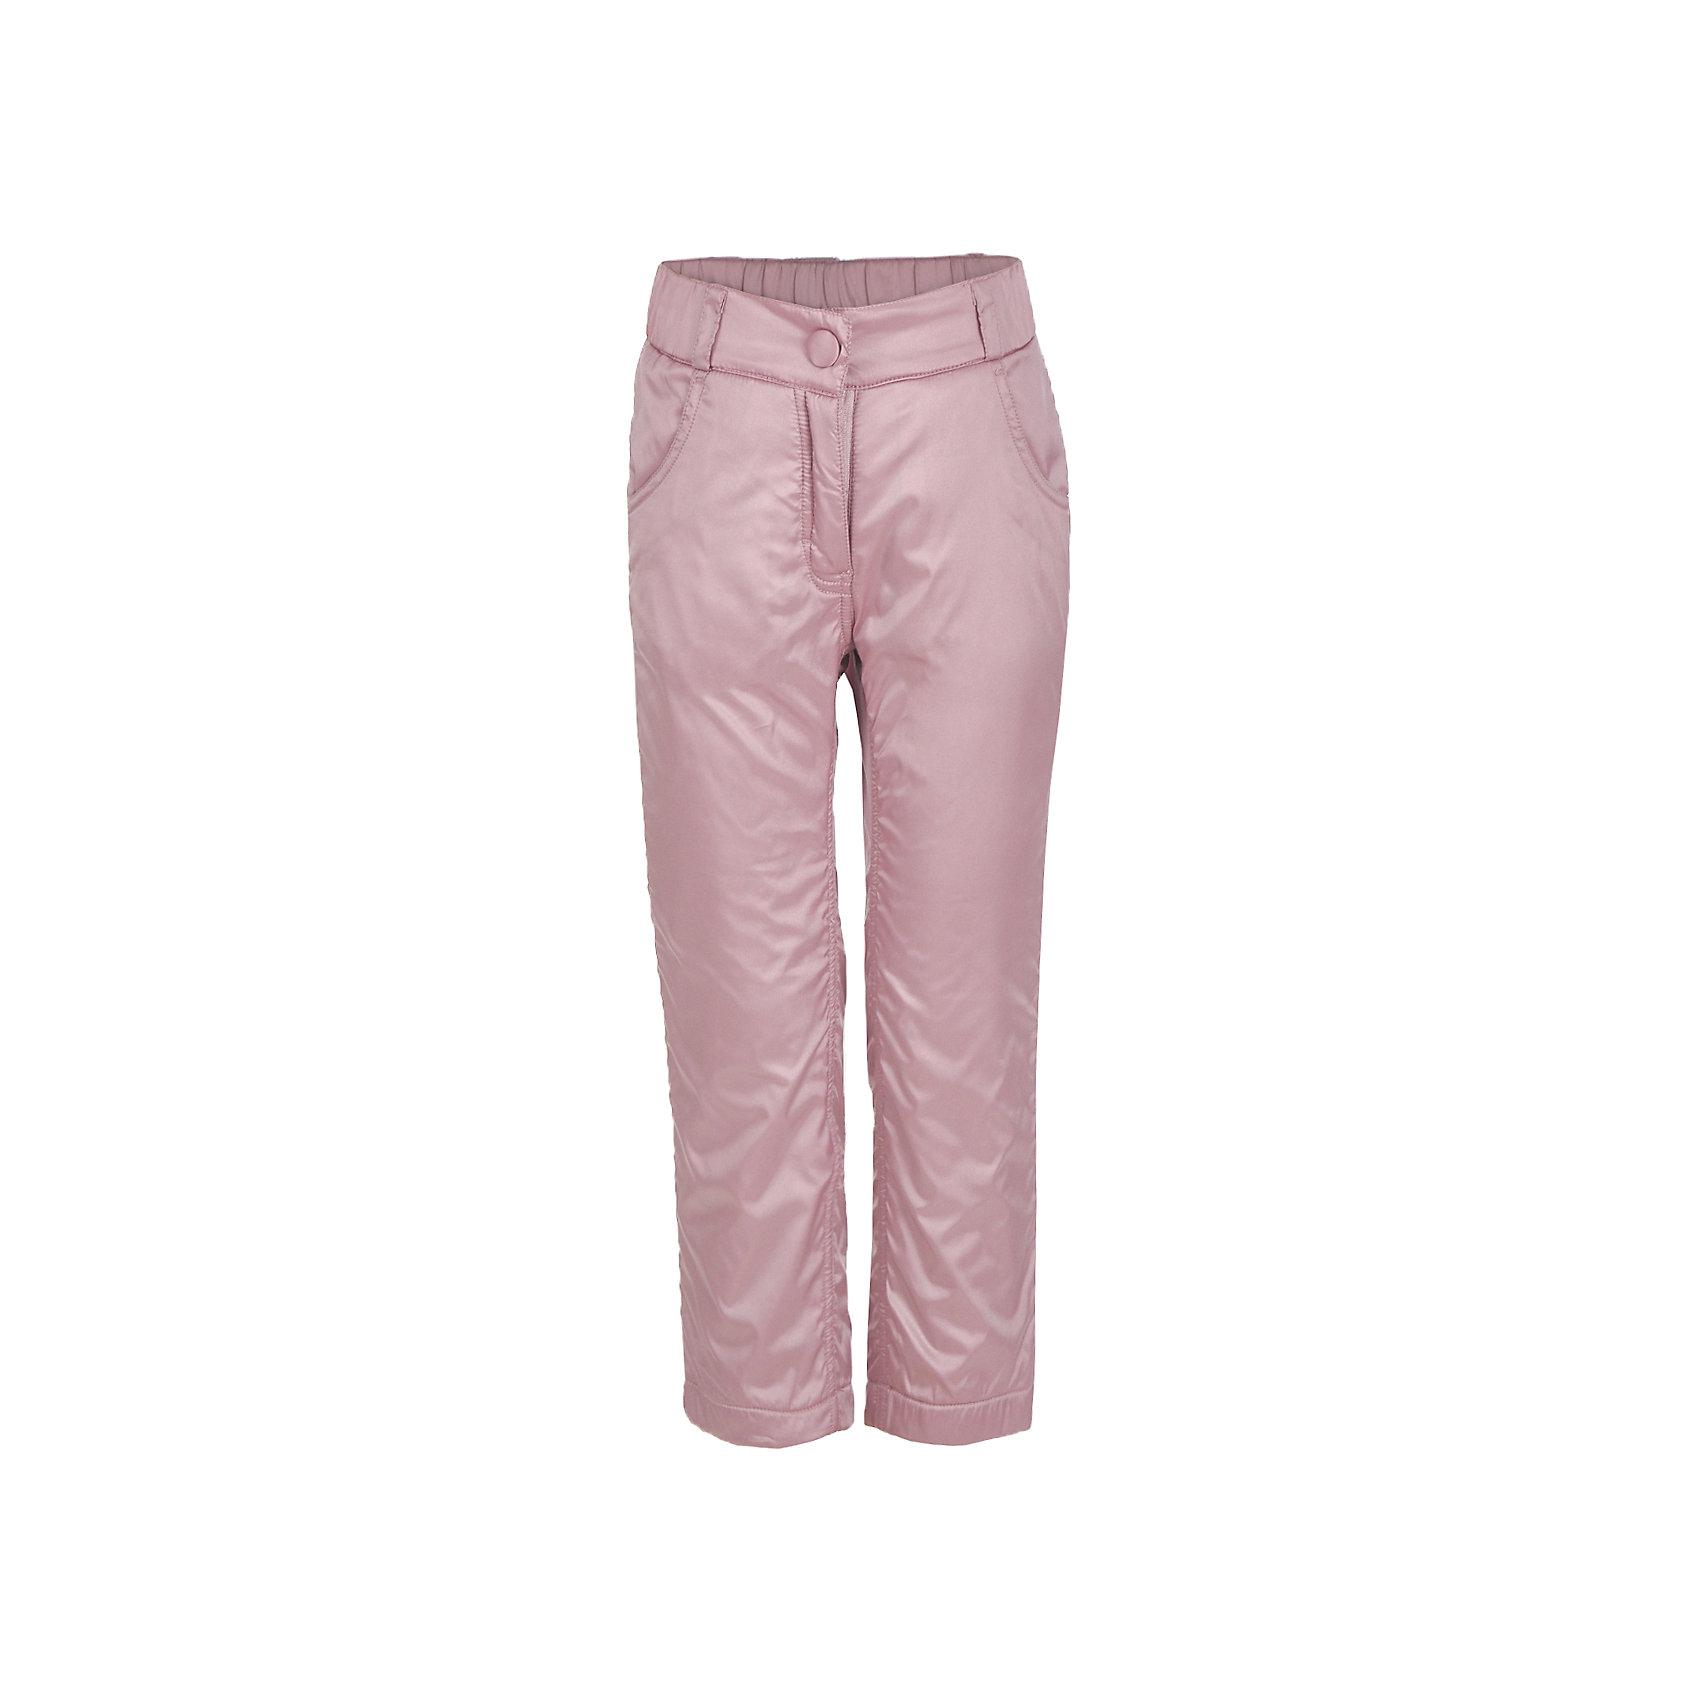 Брюки BUTTON BLUE для девочкиВерхняя одежда<br>Брюки BUTTON BLUE для девочки<br>Плащевые брюки на подкладке из флиса – основа осеннего прогулочного гардероба ребенка. Они защитят ребенка от промокания в сырую и дождливую погоду, подарив уют. Чтобы проводить время на свежем воздухе с пользой и с удовольствием для ребенка, вам стоит купить детские брюки на флисе. Простые, надежные, практичные брюки сделают каждый день ребенка комфортным.<br>Состав:<br>тк. верха:     55%полиэстер 45% нейлон,                           подкл.:   100%полиэстер (флис),<br><br>Ширина мм: 215<br>Глубина мм: 88<br>Высота мм: 191<br>Вес г: 336<br>Цвет: розовый<br>Возраст от месяцев: 24<br>Возраст до месяцев: 36<br>Пол: Женский<br>Возраст: Детский<br>Размер: 98,134,104,110,116,122,128<br>SKU: 7038017